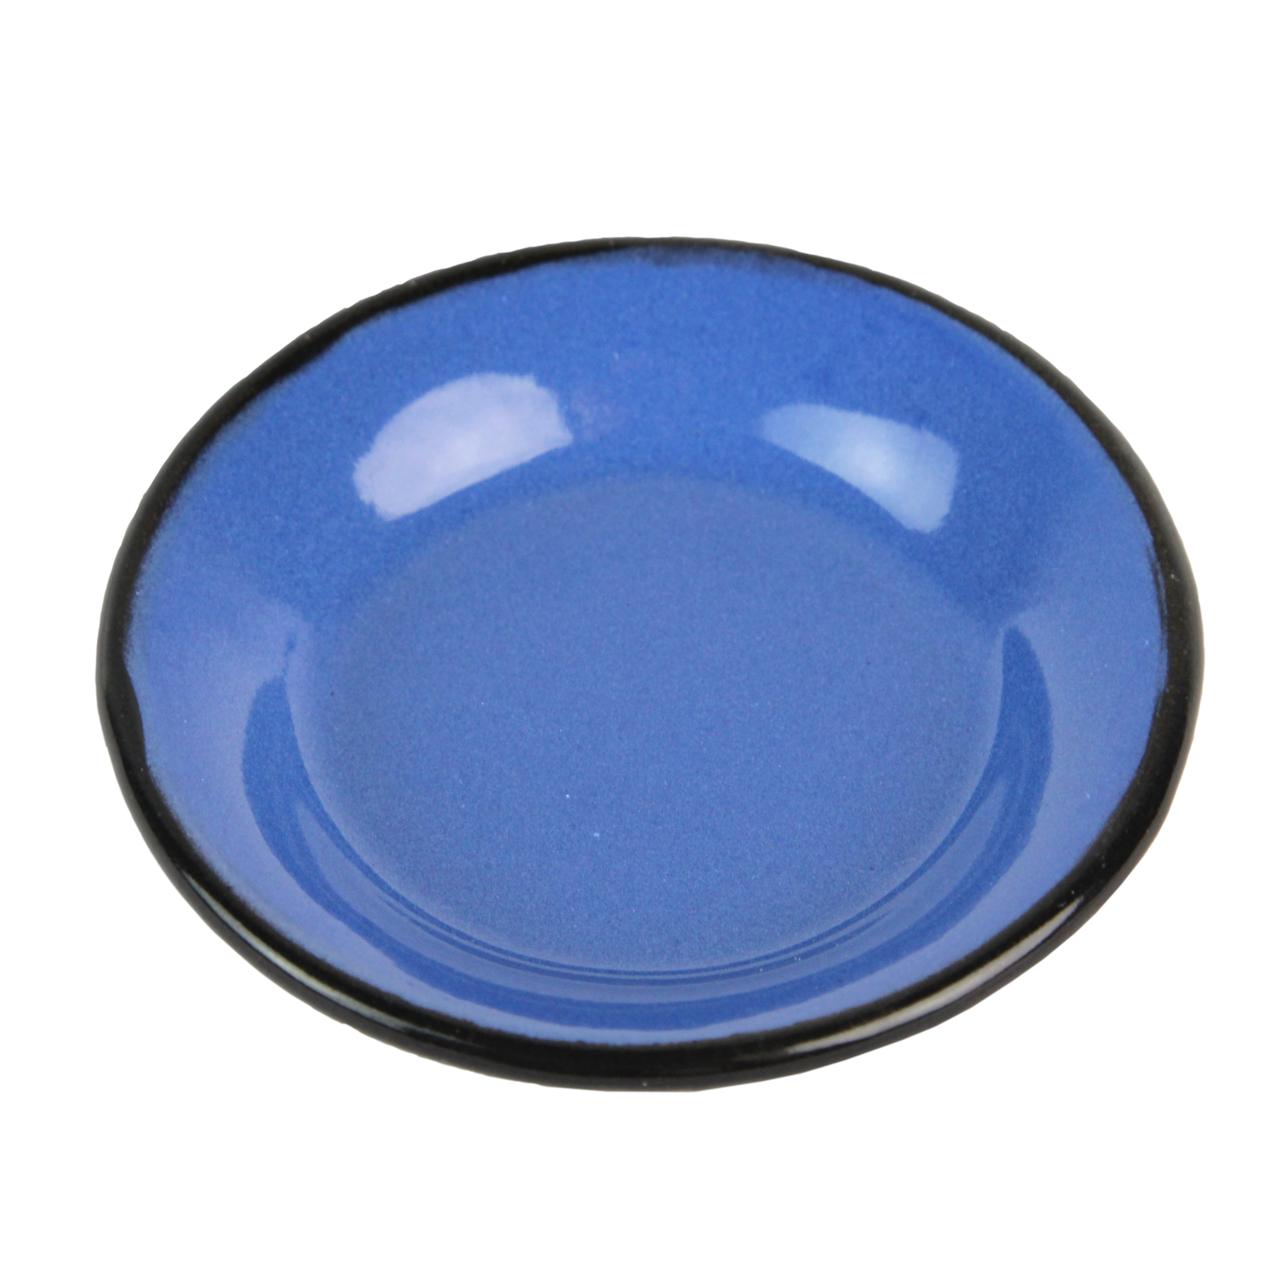 Farfurie Din Metal Albastru 8 Cm